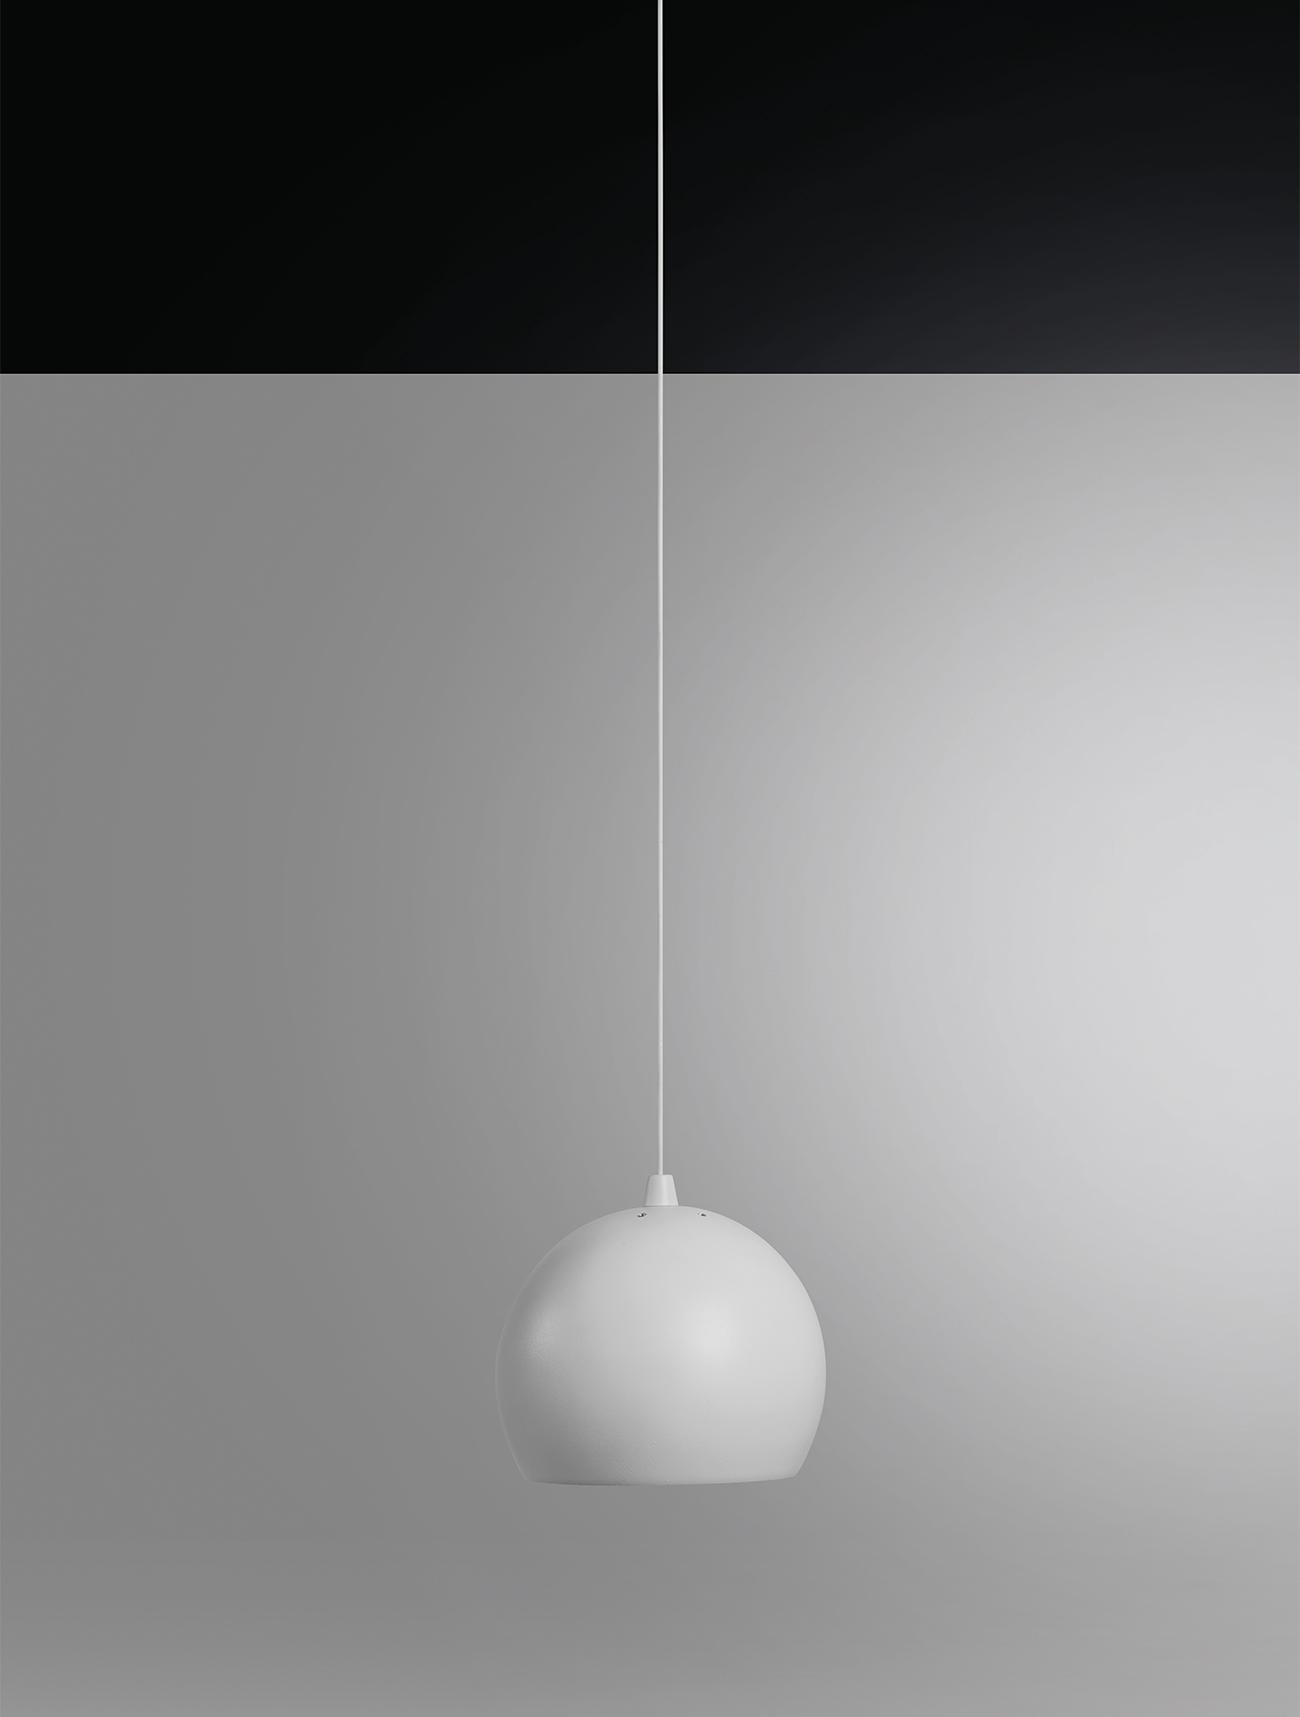 ball-02-still